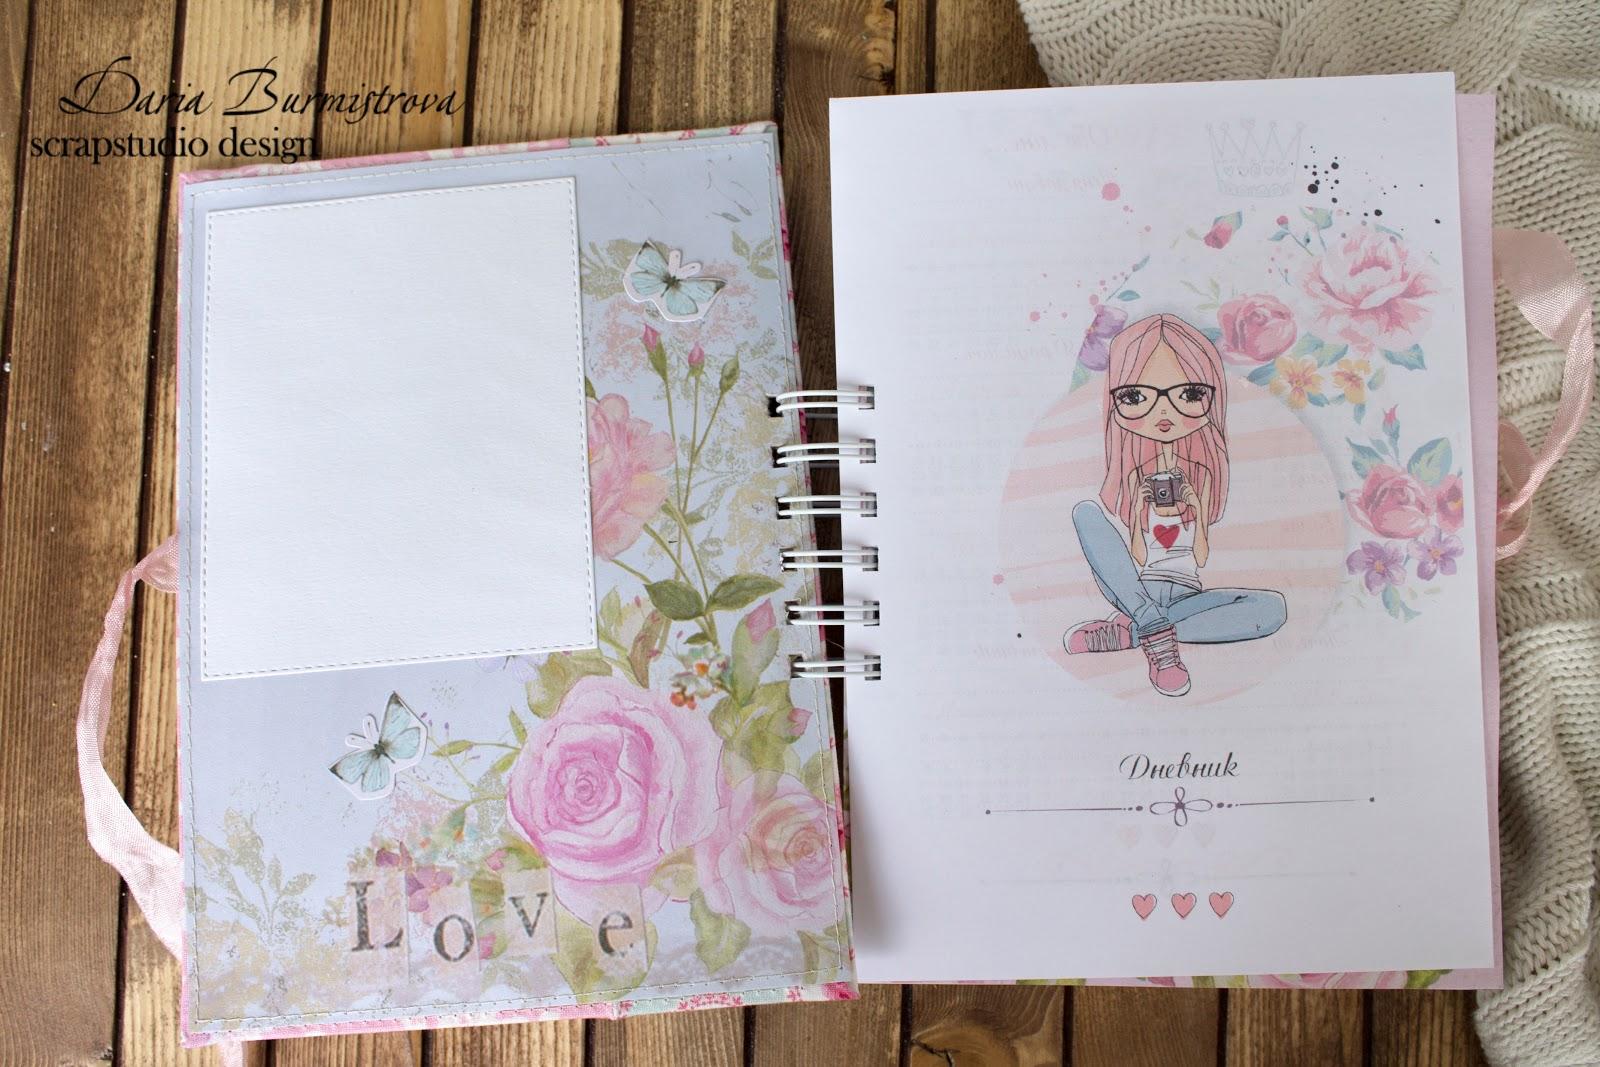 Как сделать дневник: идеи и пошаговые мастер-классы 15